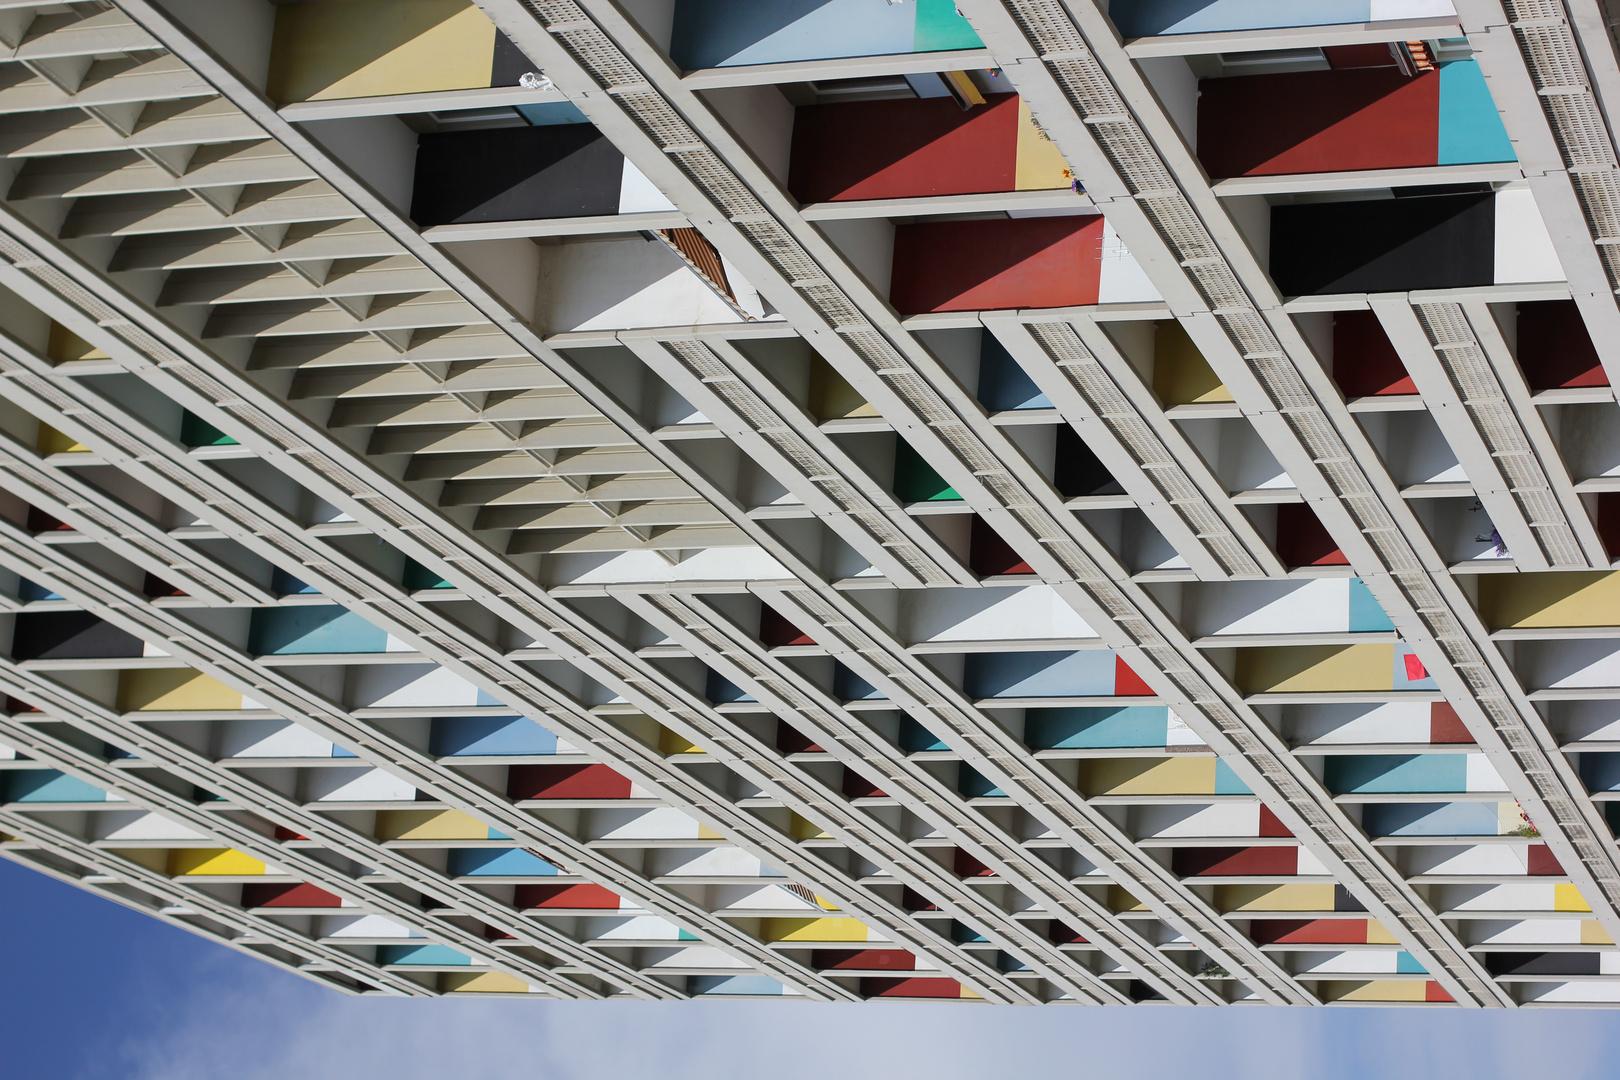 Brutalismus mit farbe licht und schatten foto bild for Architektur brutalismus